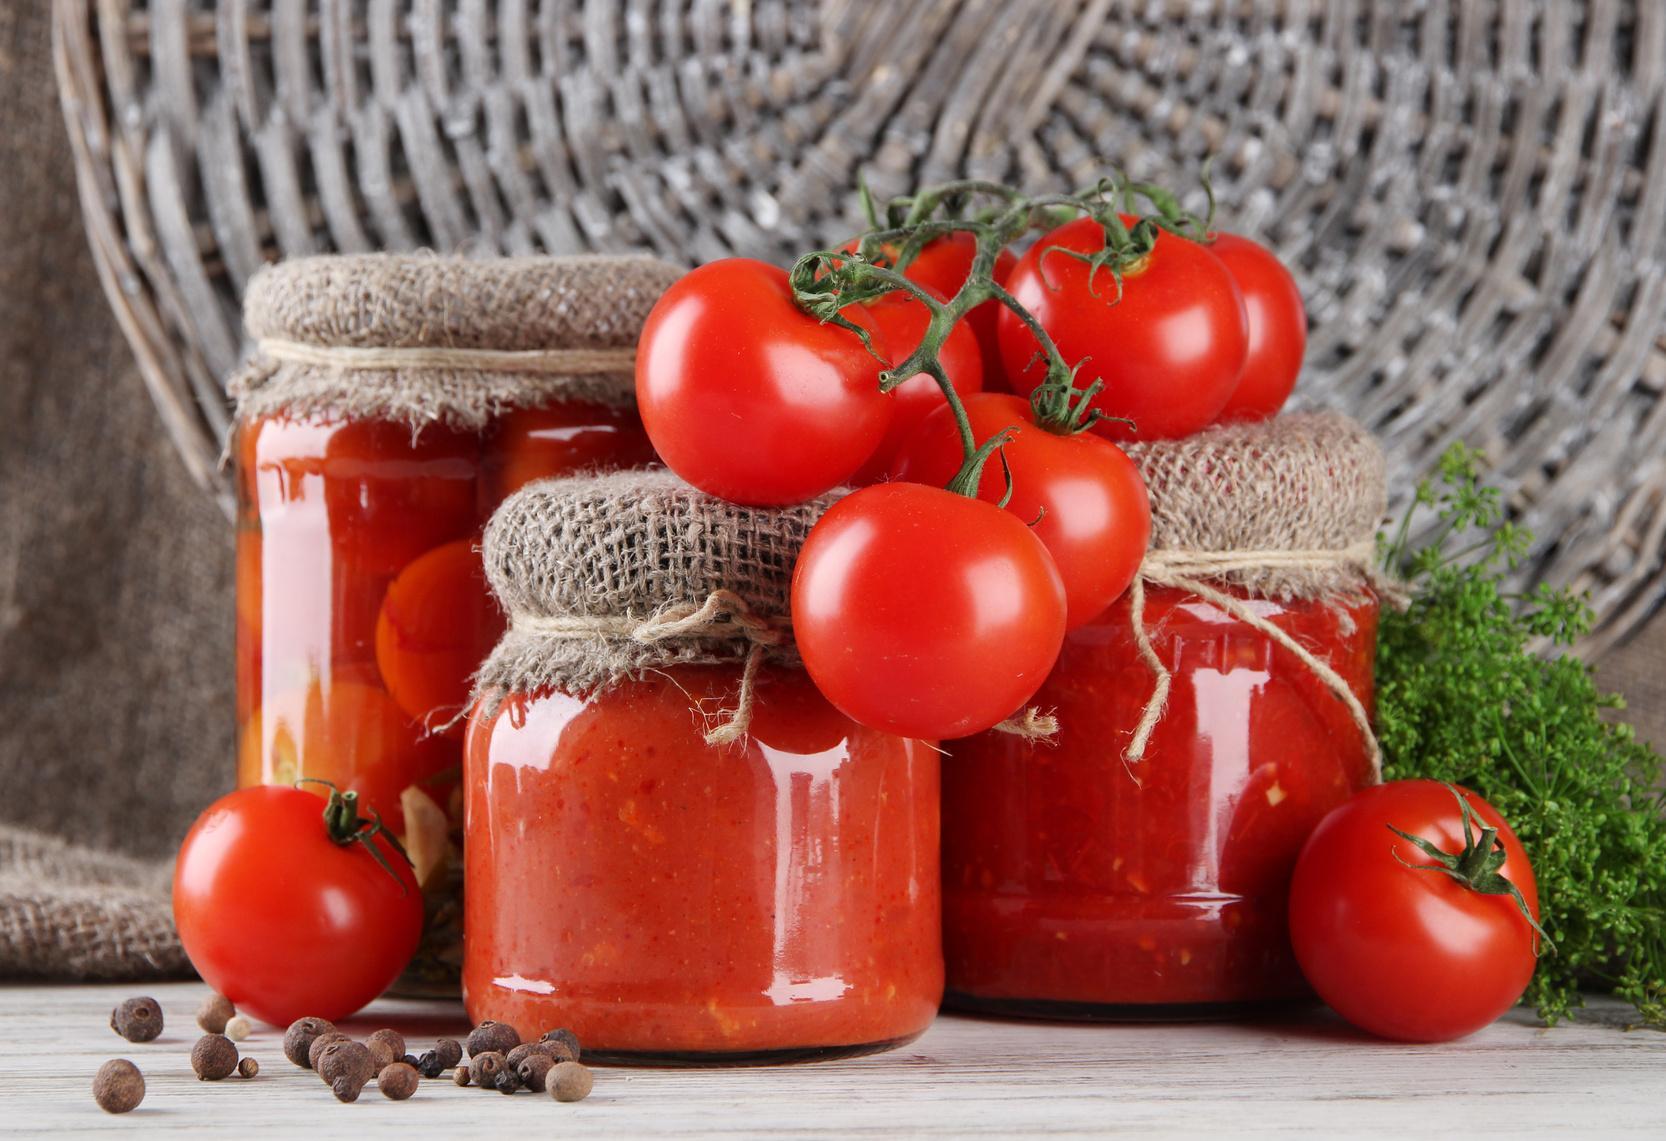 Il licopene contenuto nei pomodori protegge la pelle dai danni solari e svolge un'attenta sorveglianza, neutralizzando i composti dannosi; la cottura e il concomitante consumo di olio di oliva extravergine ne migliorano rispettivamente la disponibilità e l'assorbimento.